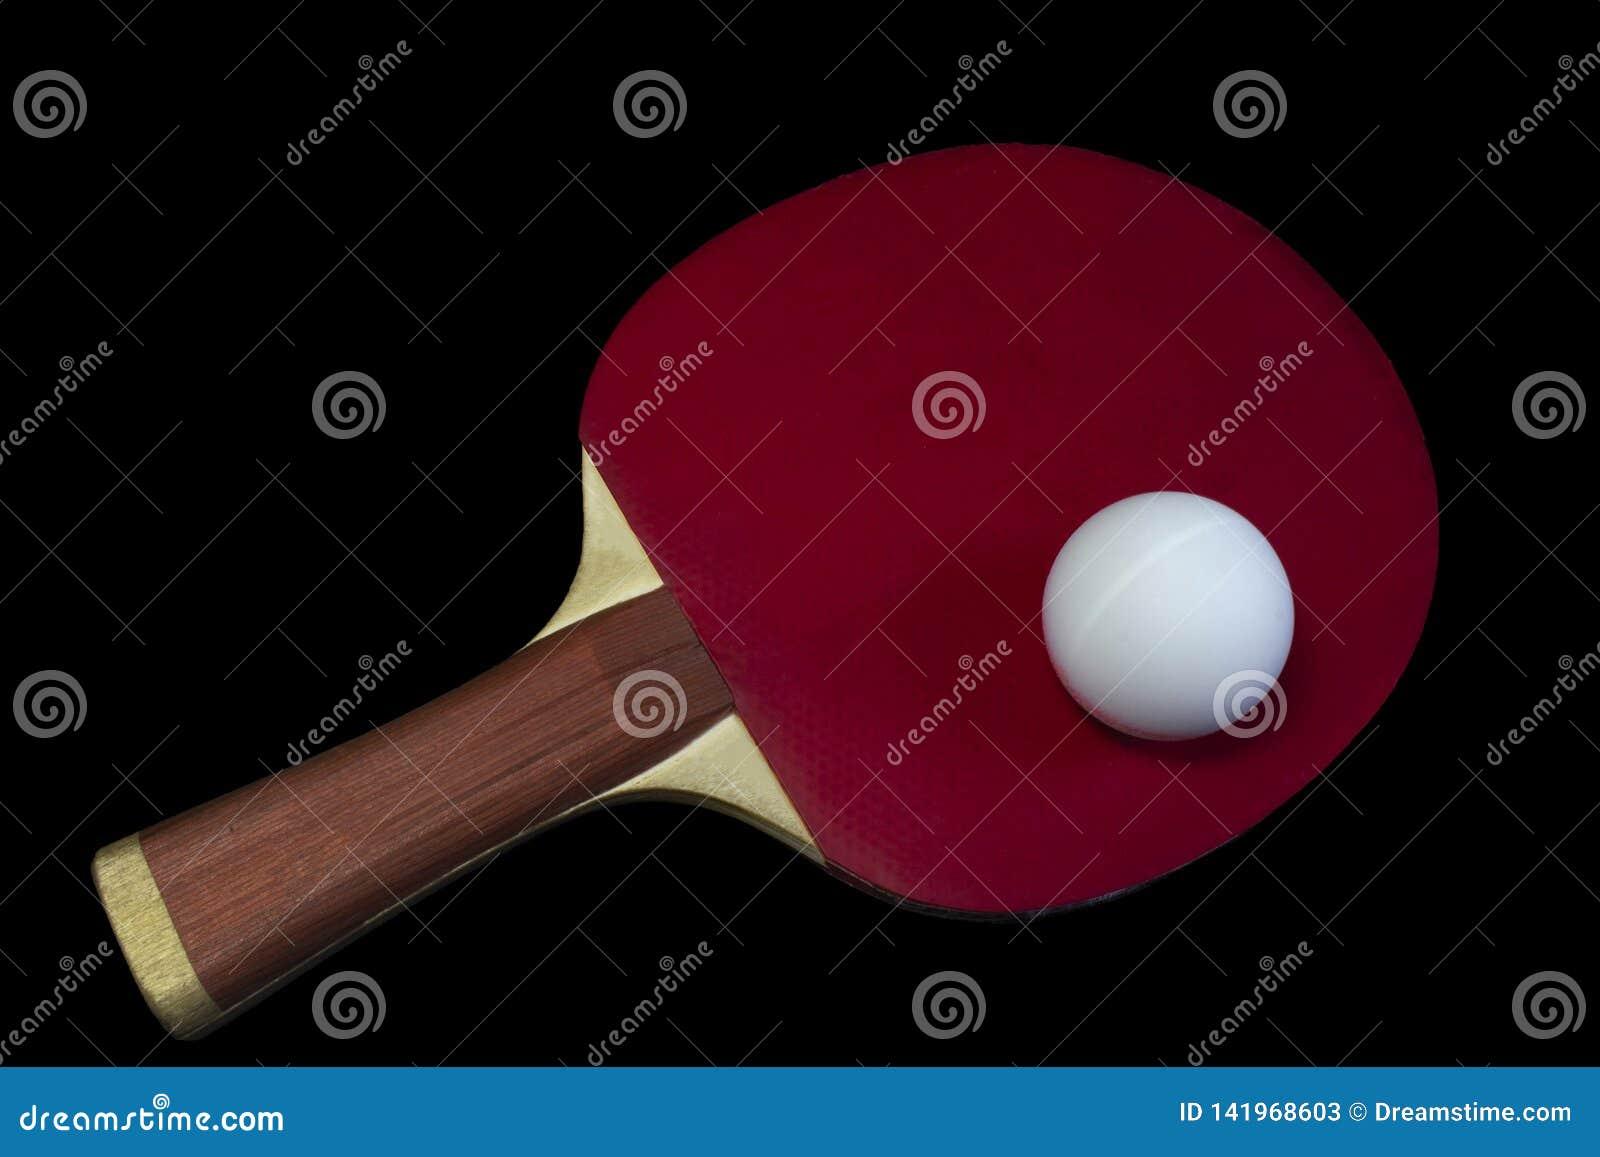 Raquete e bola de tênis de mesa isoladas no fundo preto